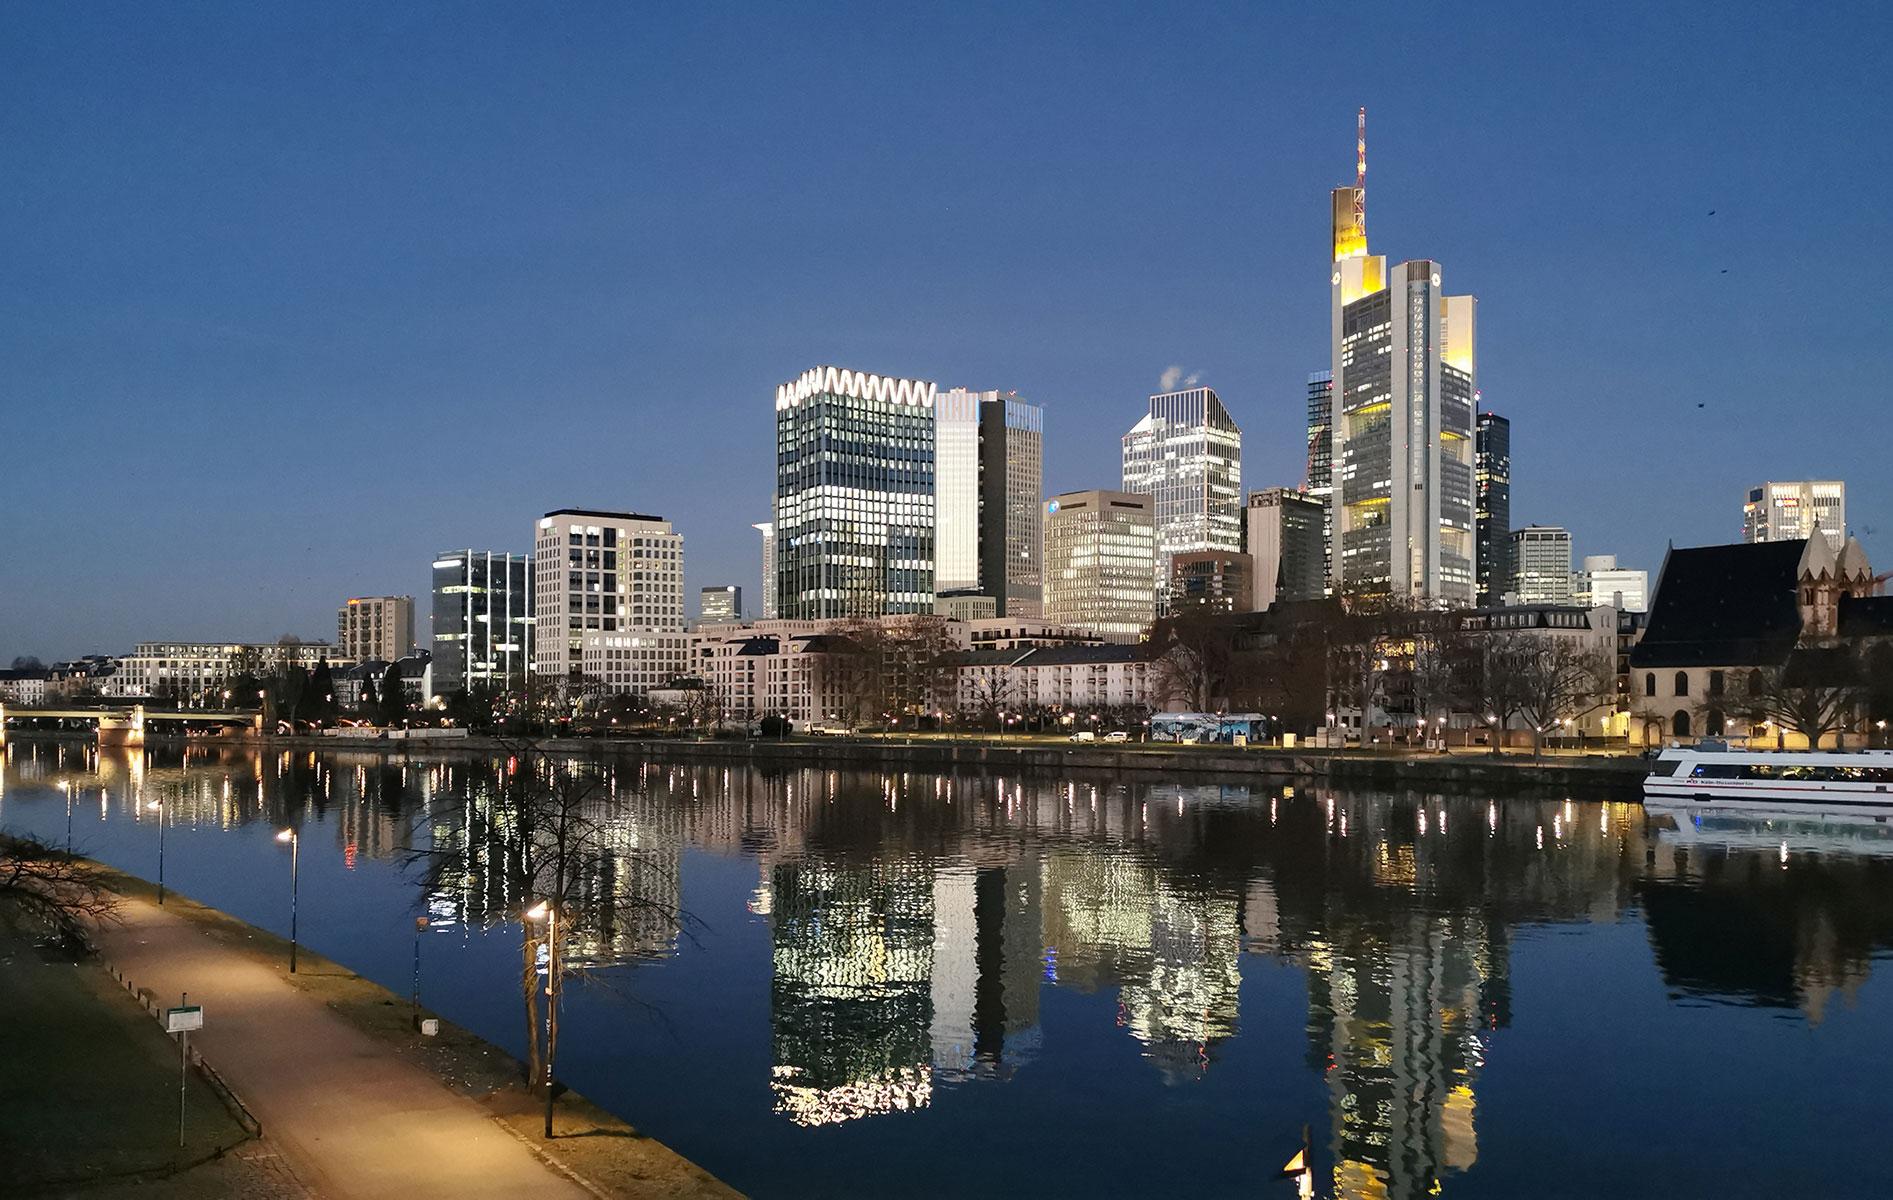 Frankfurt Wolkenkratzer Foto kostenfrei - Frankfurt CBD - Frankfurt Skyline Stockfoto kostenfrei - Foto Nr. 373-350-248